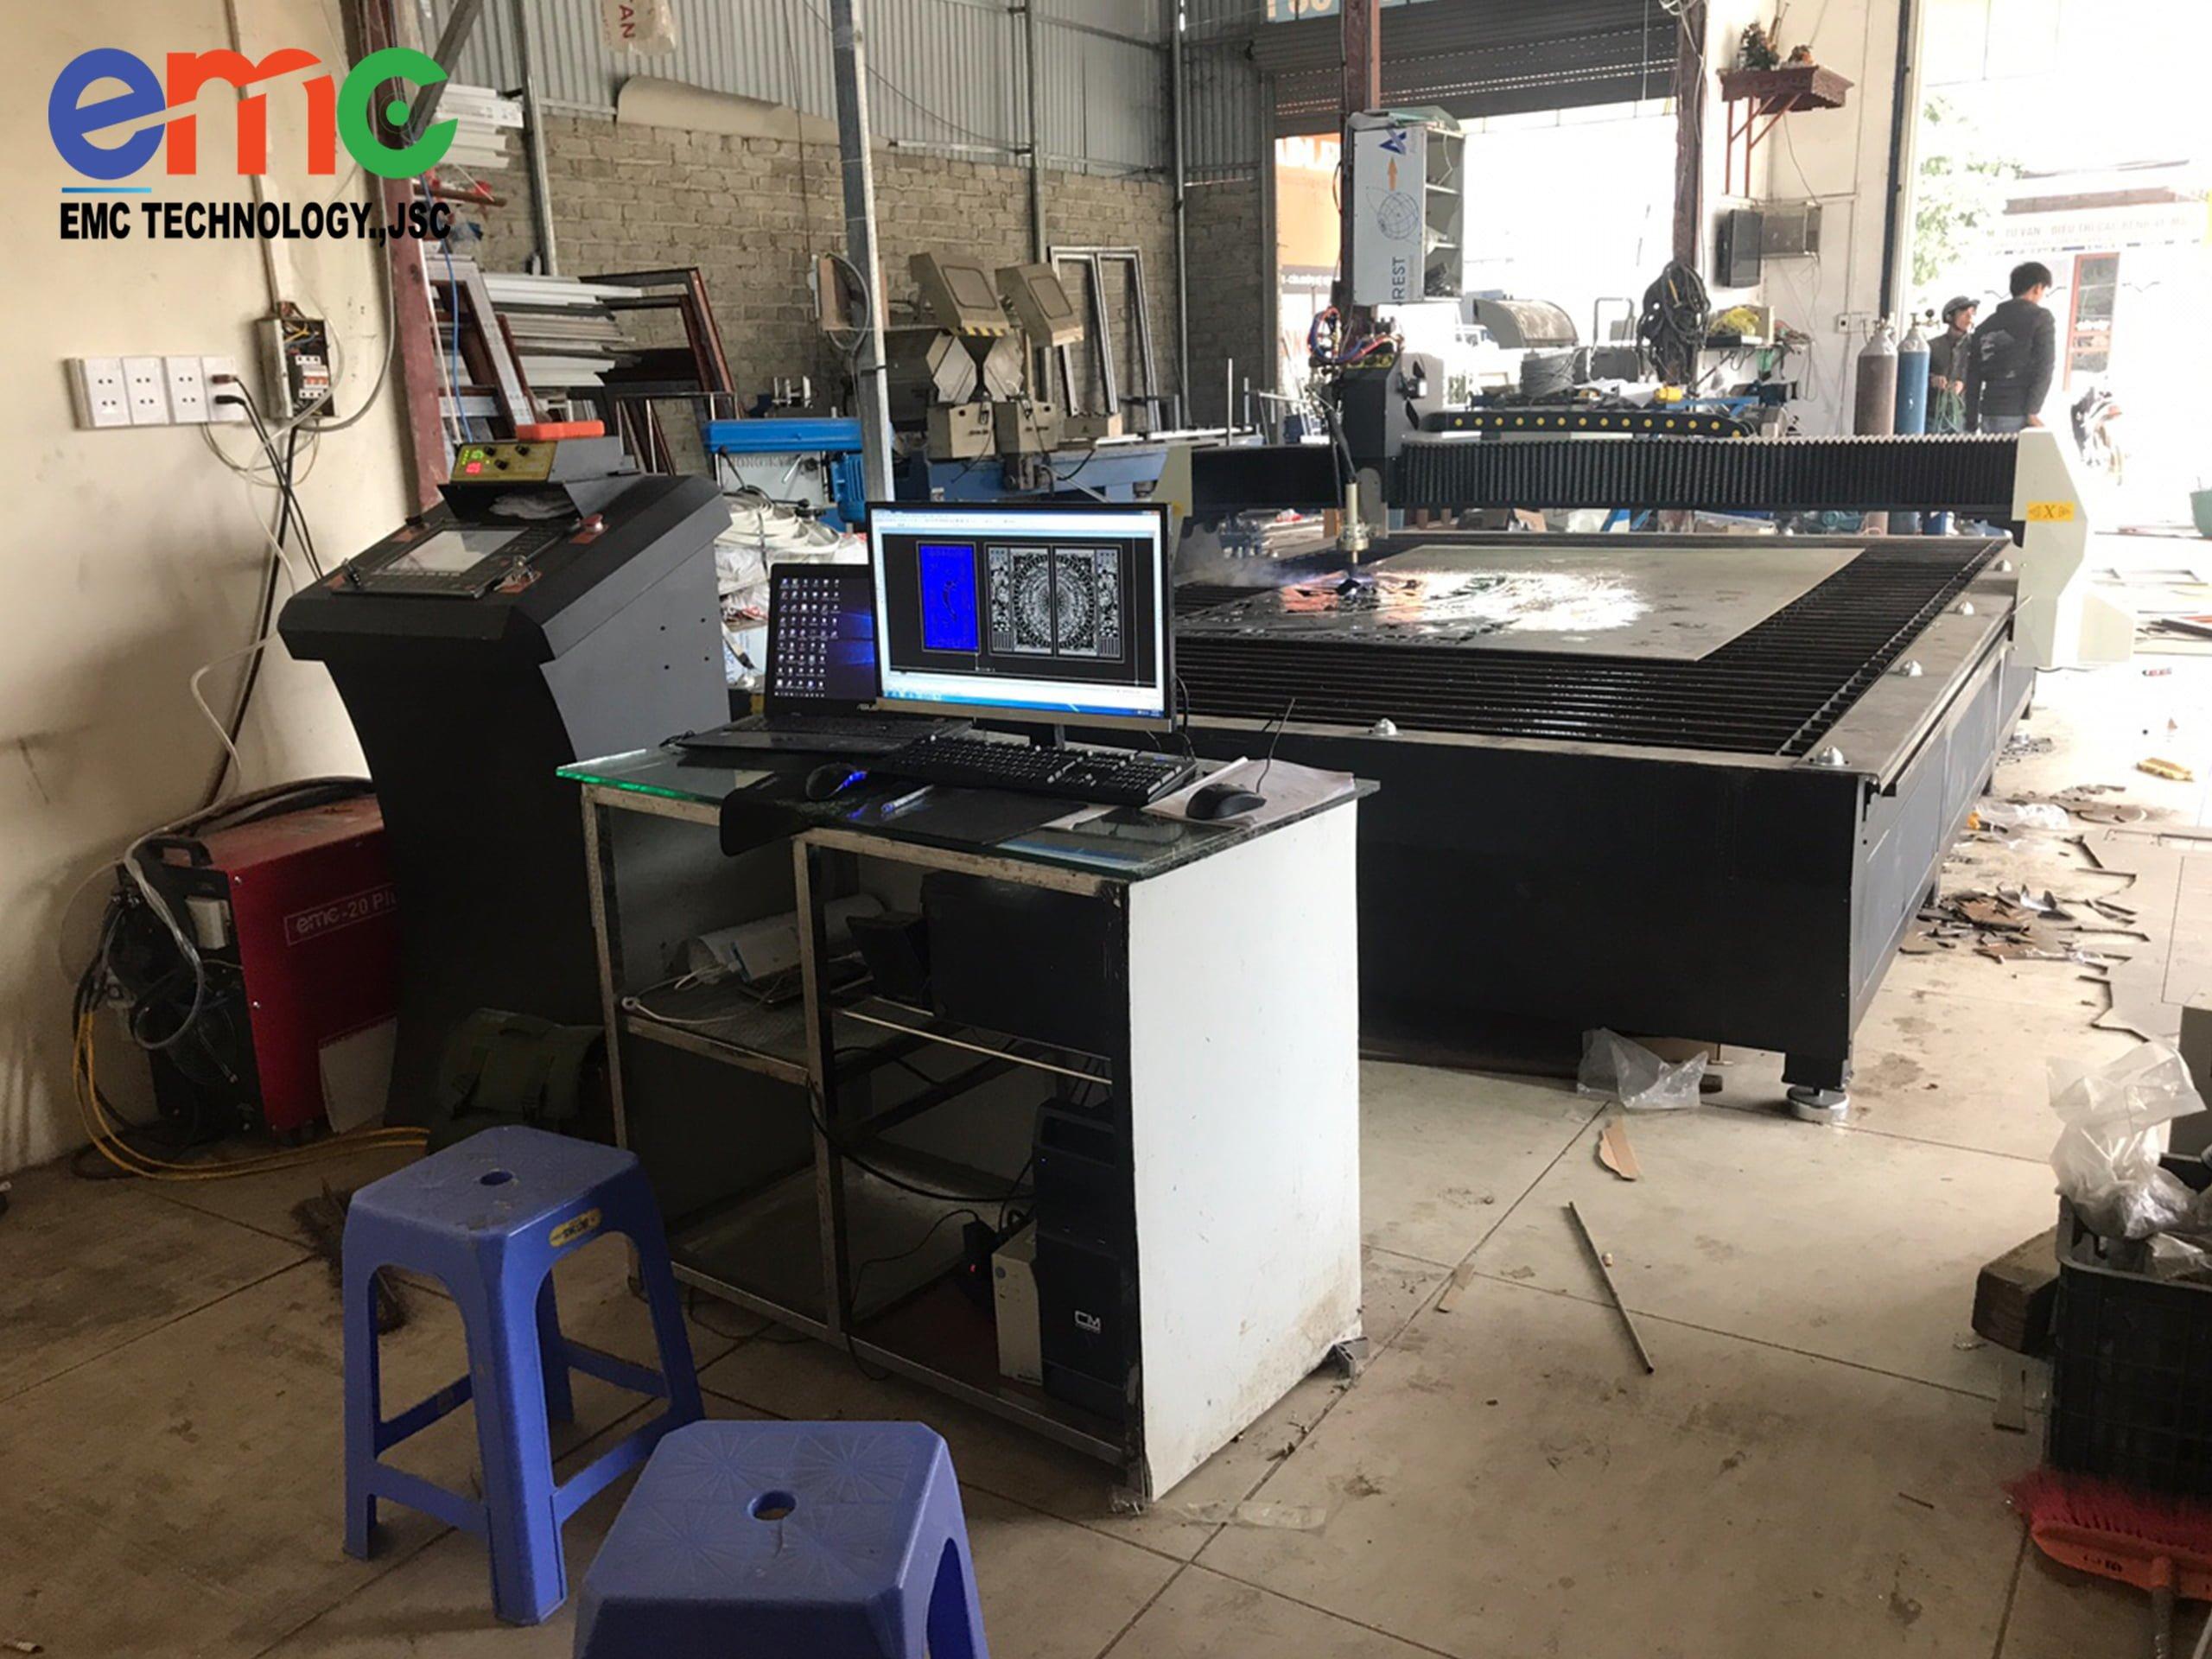 máy cắt cnc plasma emc 2000